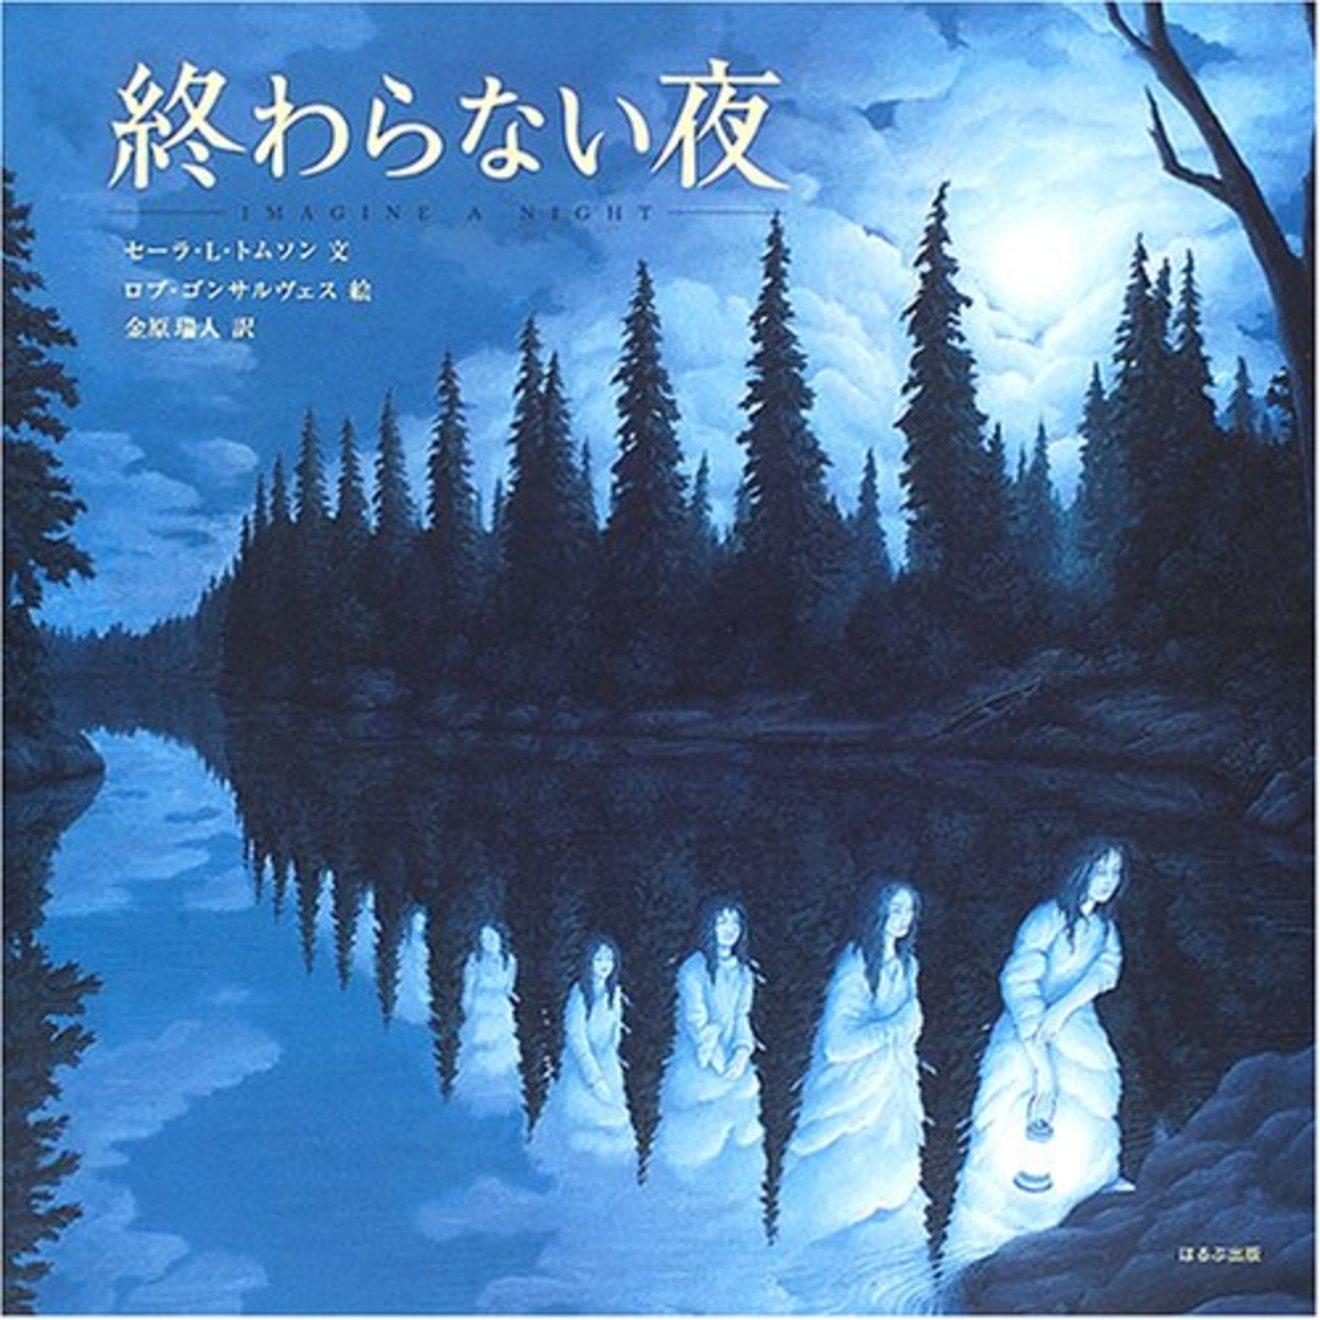 夜がテーマの絵本おすすめ6選!おやすみ前に読みたいちょっと不思議な物語